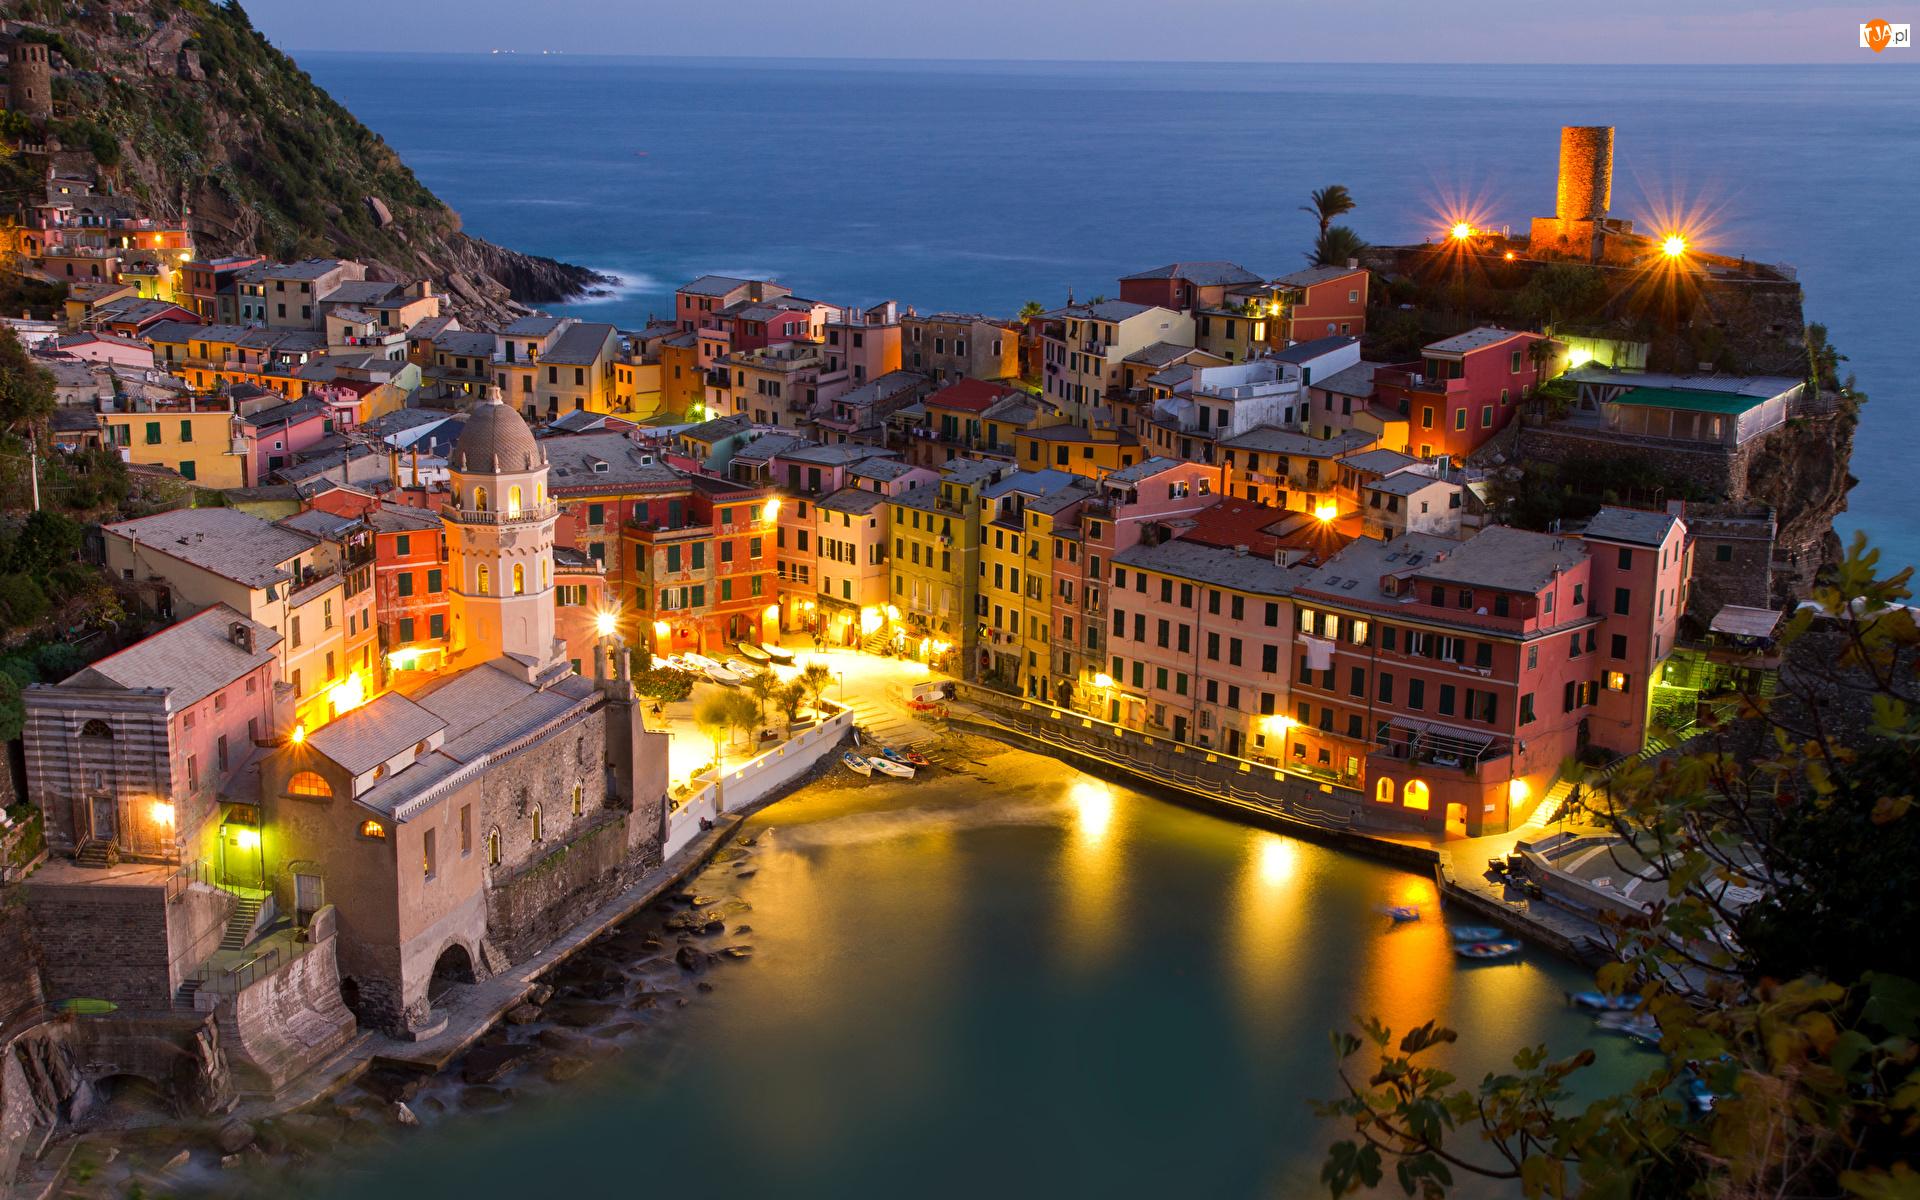 Domy, Noc, Vernazza, Włochy, Oświetlenie